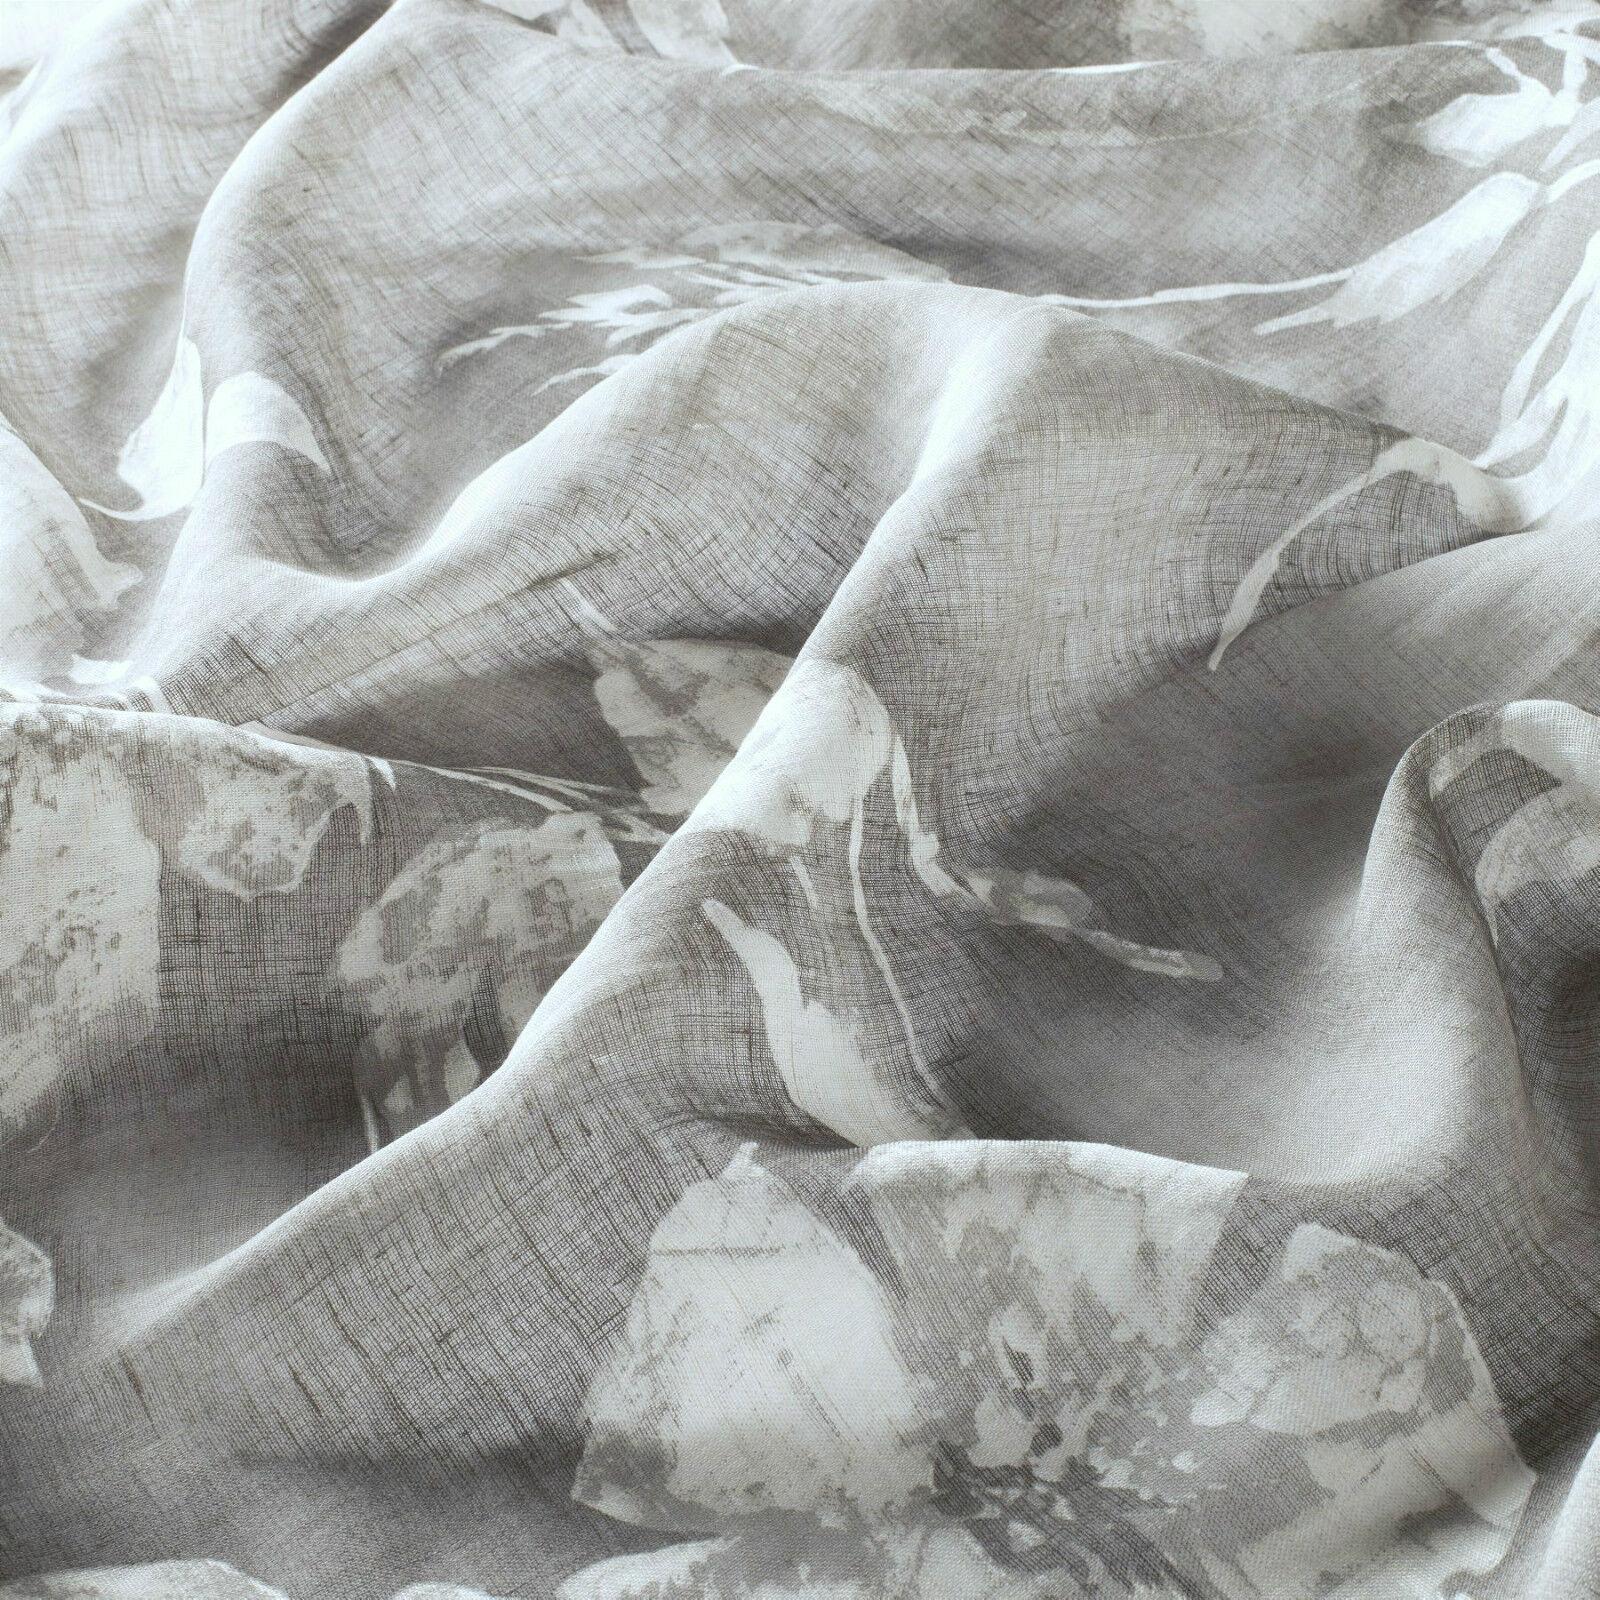 FIORA,Meterware creme Blaumen Leinen Leinen Leinen Stoff fabric tissu Linen 3 Meter hoch JAB | 2019  1391ed